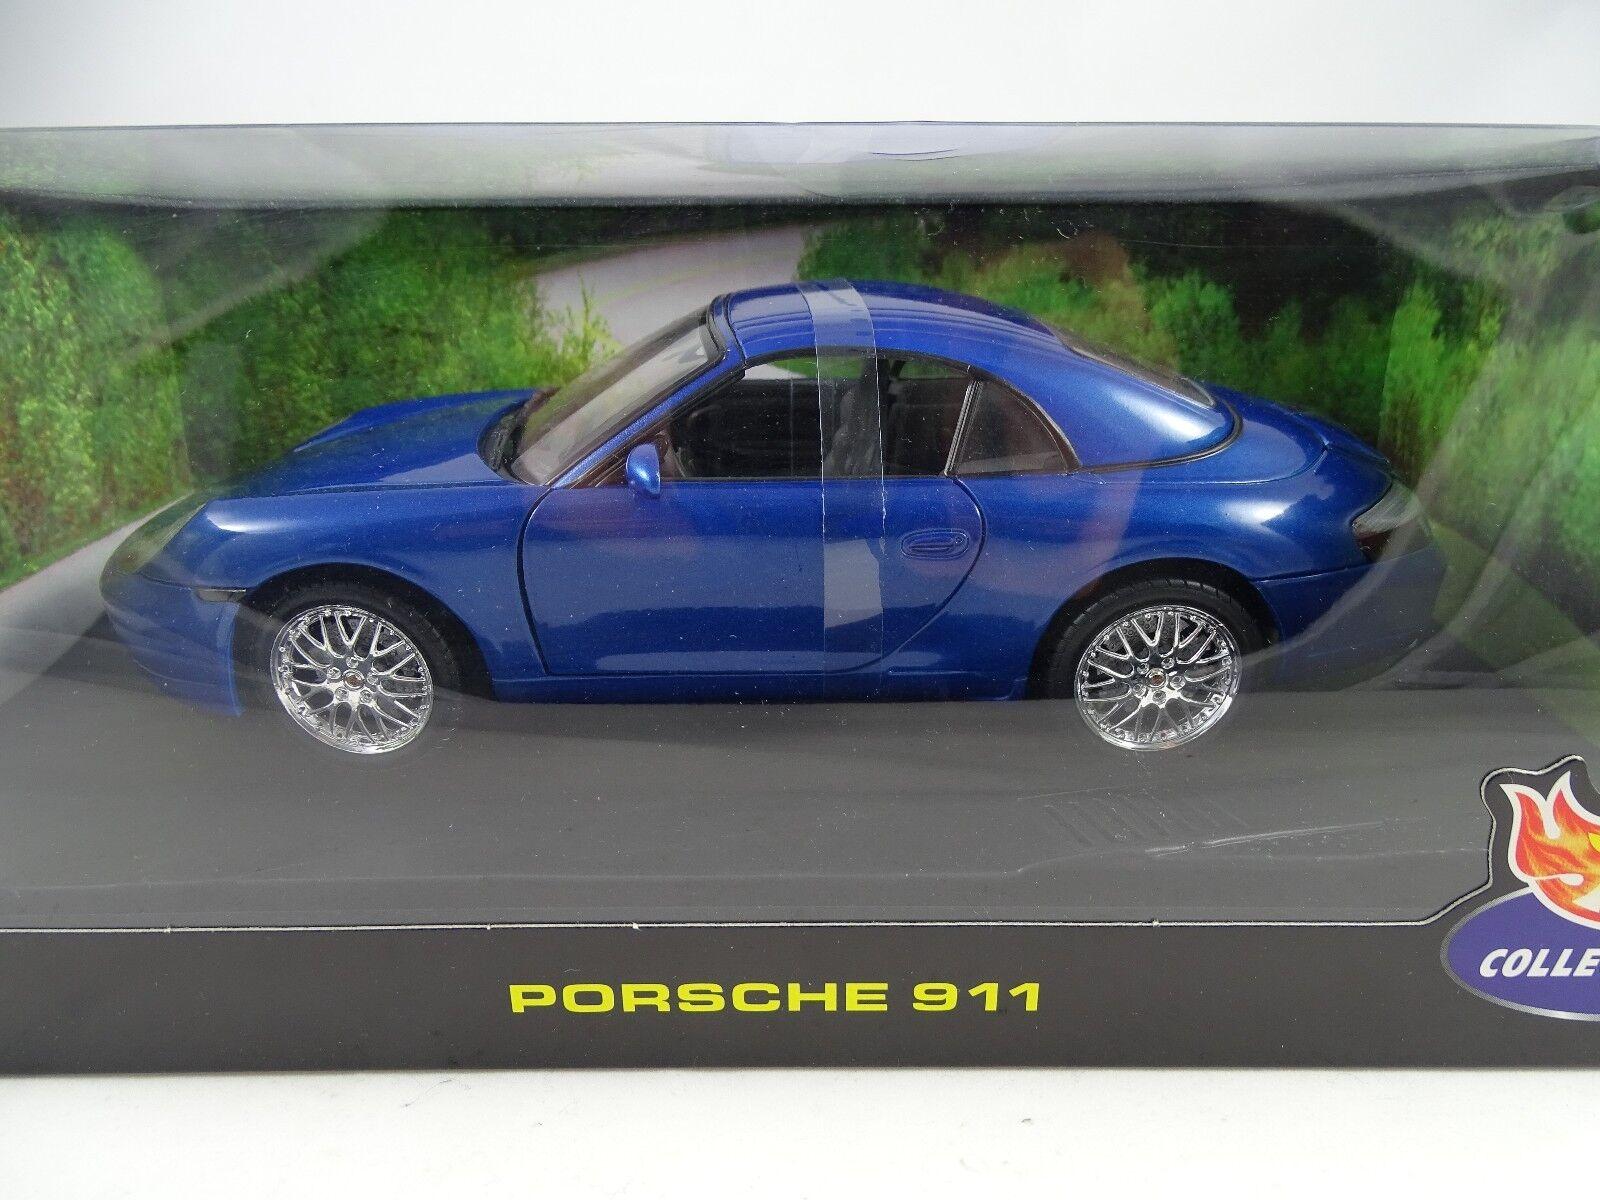 promocionales de incentivo 1 18 Hot Wheels  29062 Porsche 911 azul-rareza azul-rareza azul-rareza §  precios mas baratos